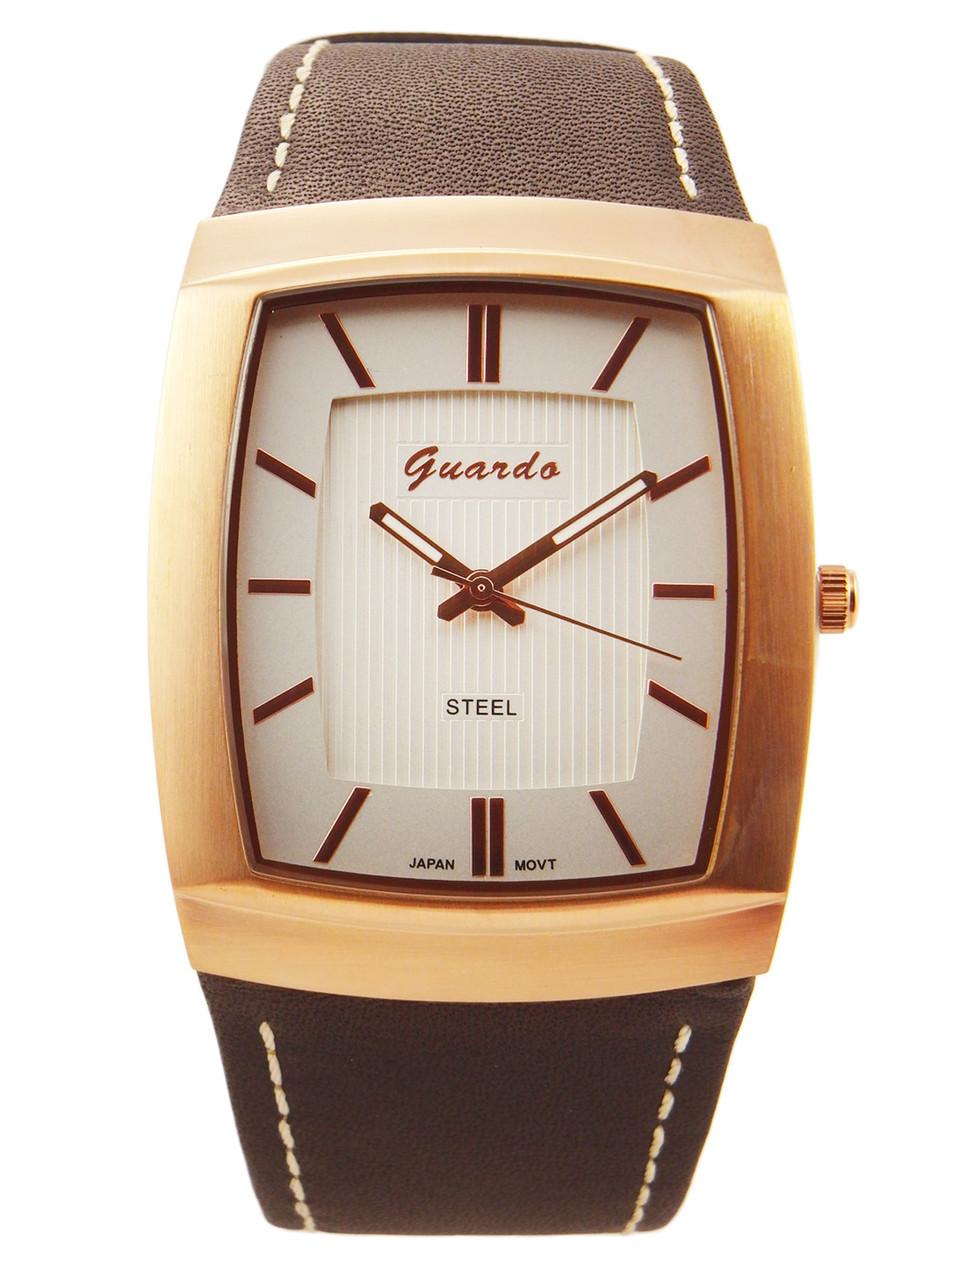 Мужские наручные часы Guardo S09309 RgWBr